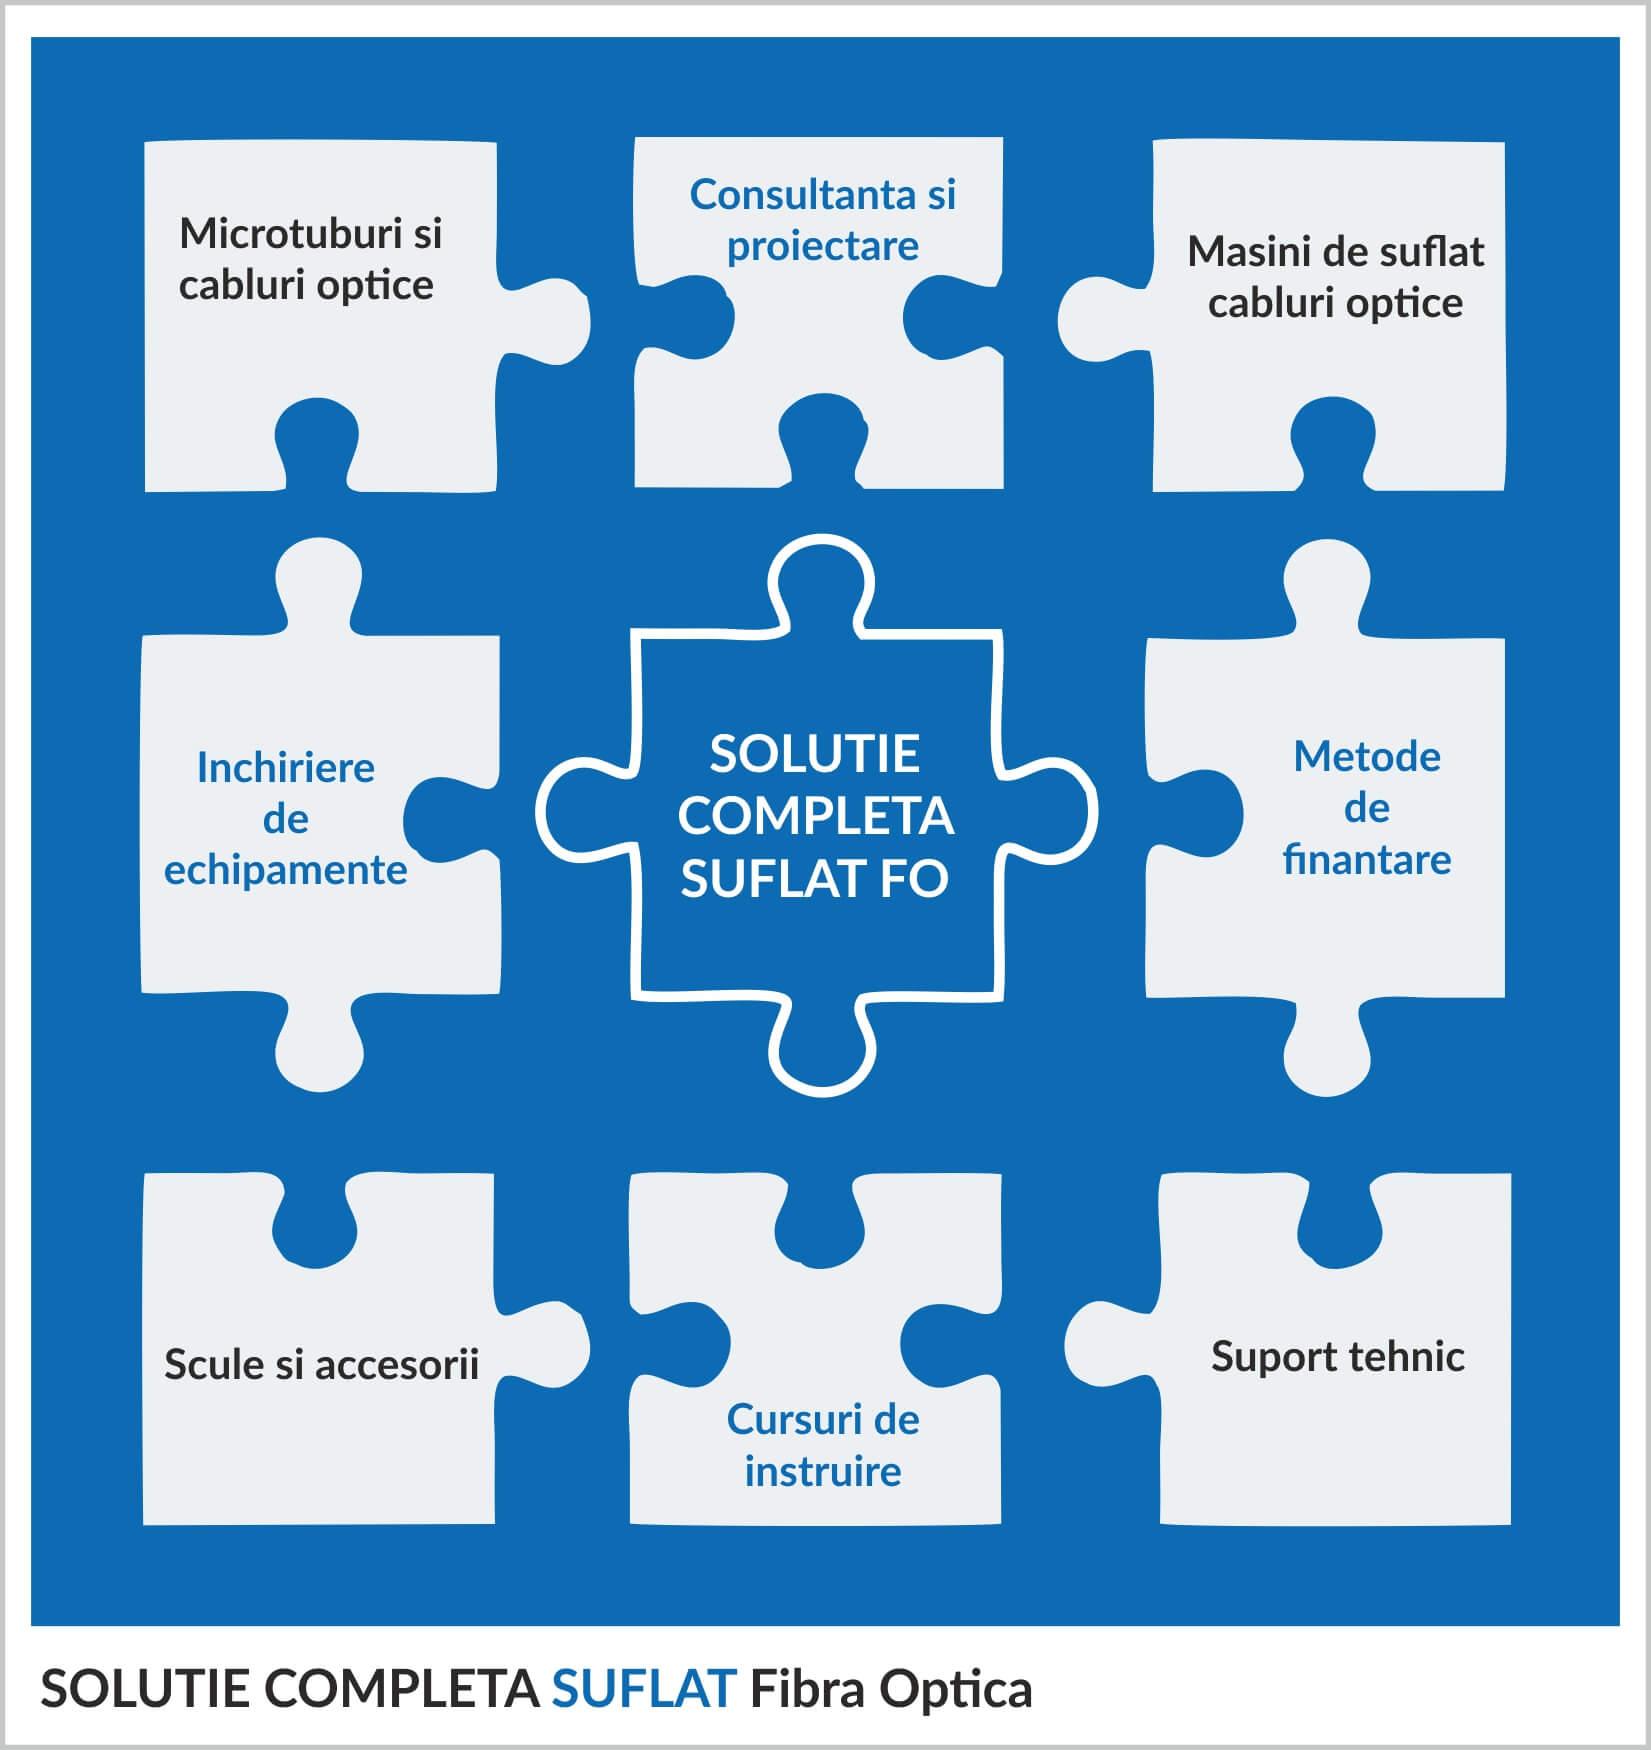 solutii-complete-suflat